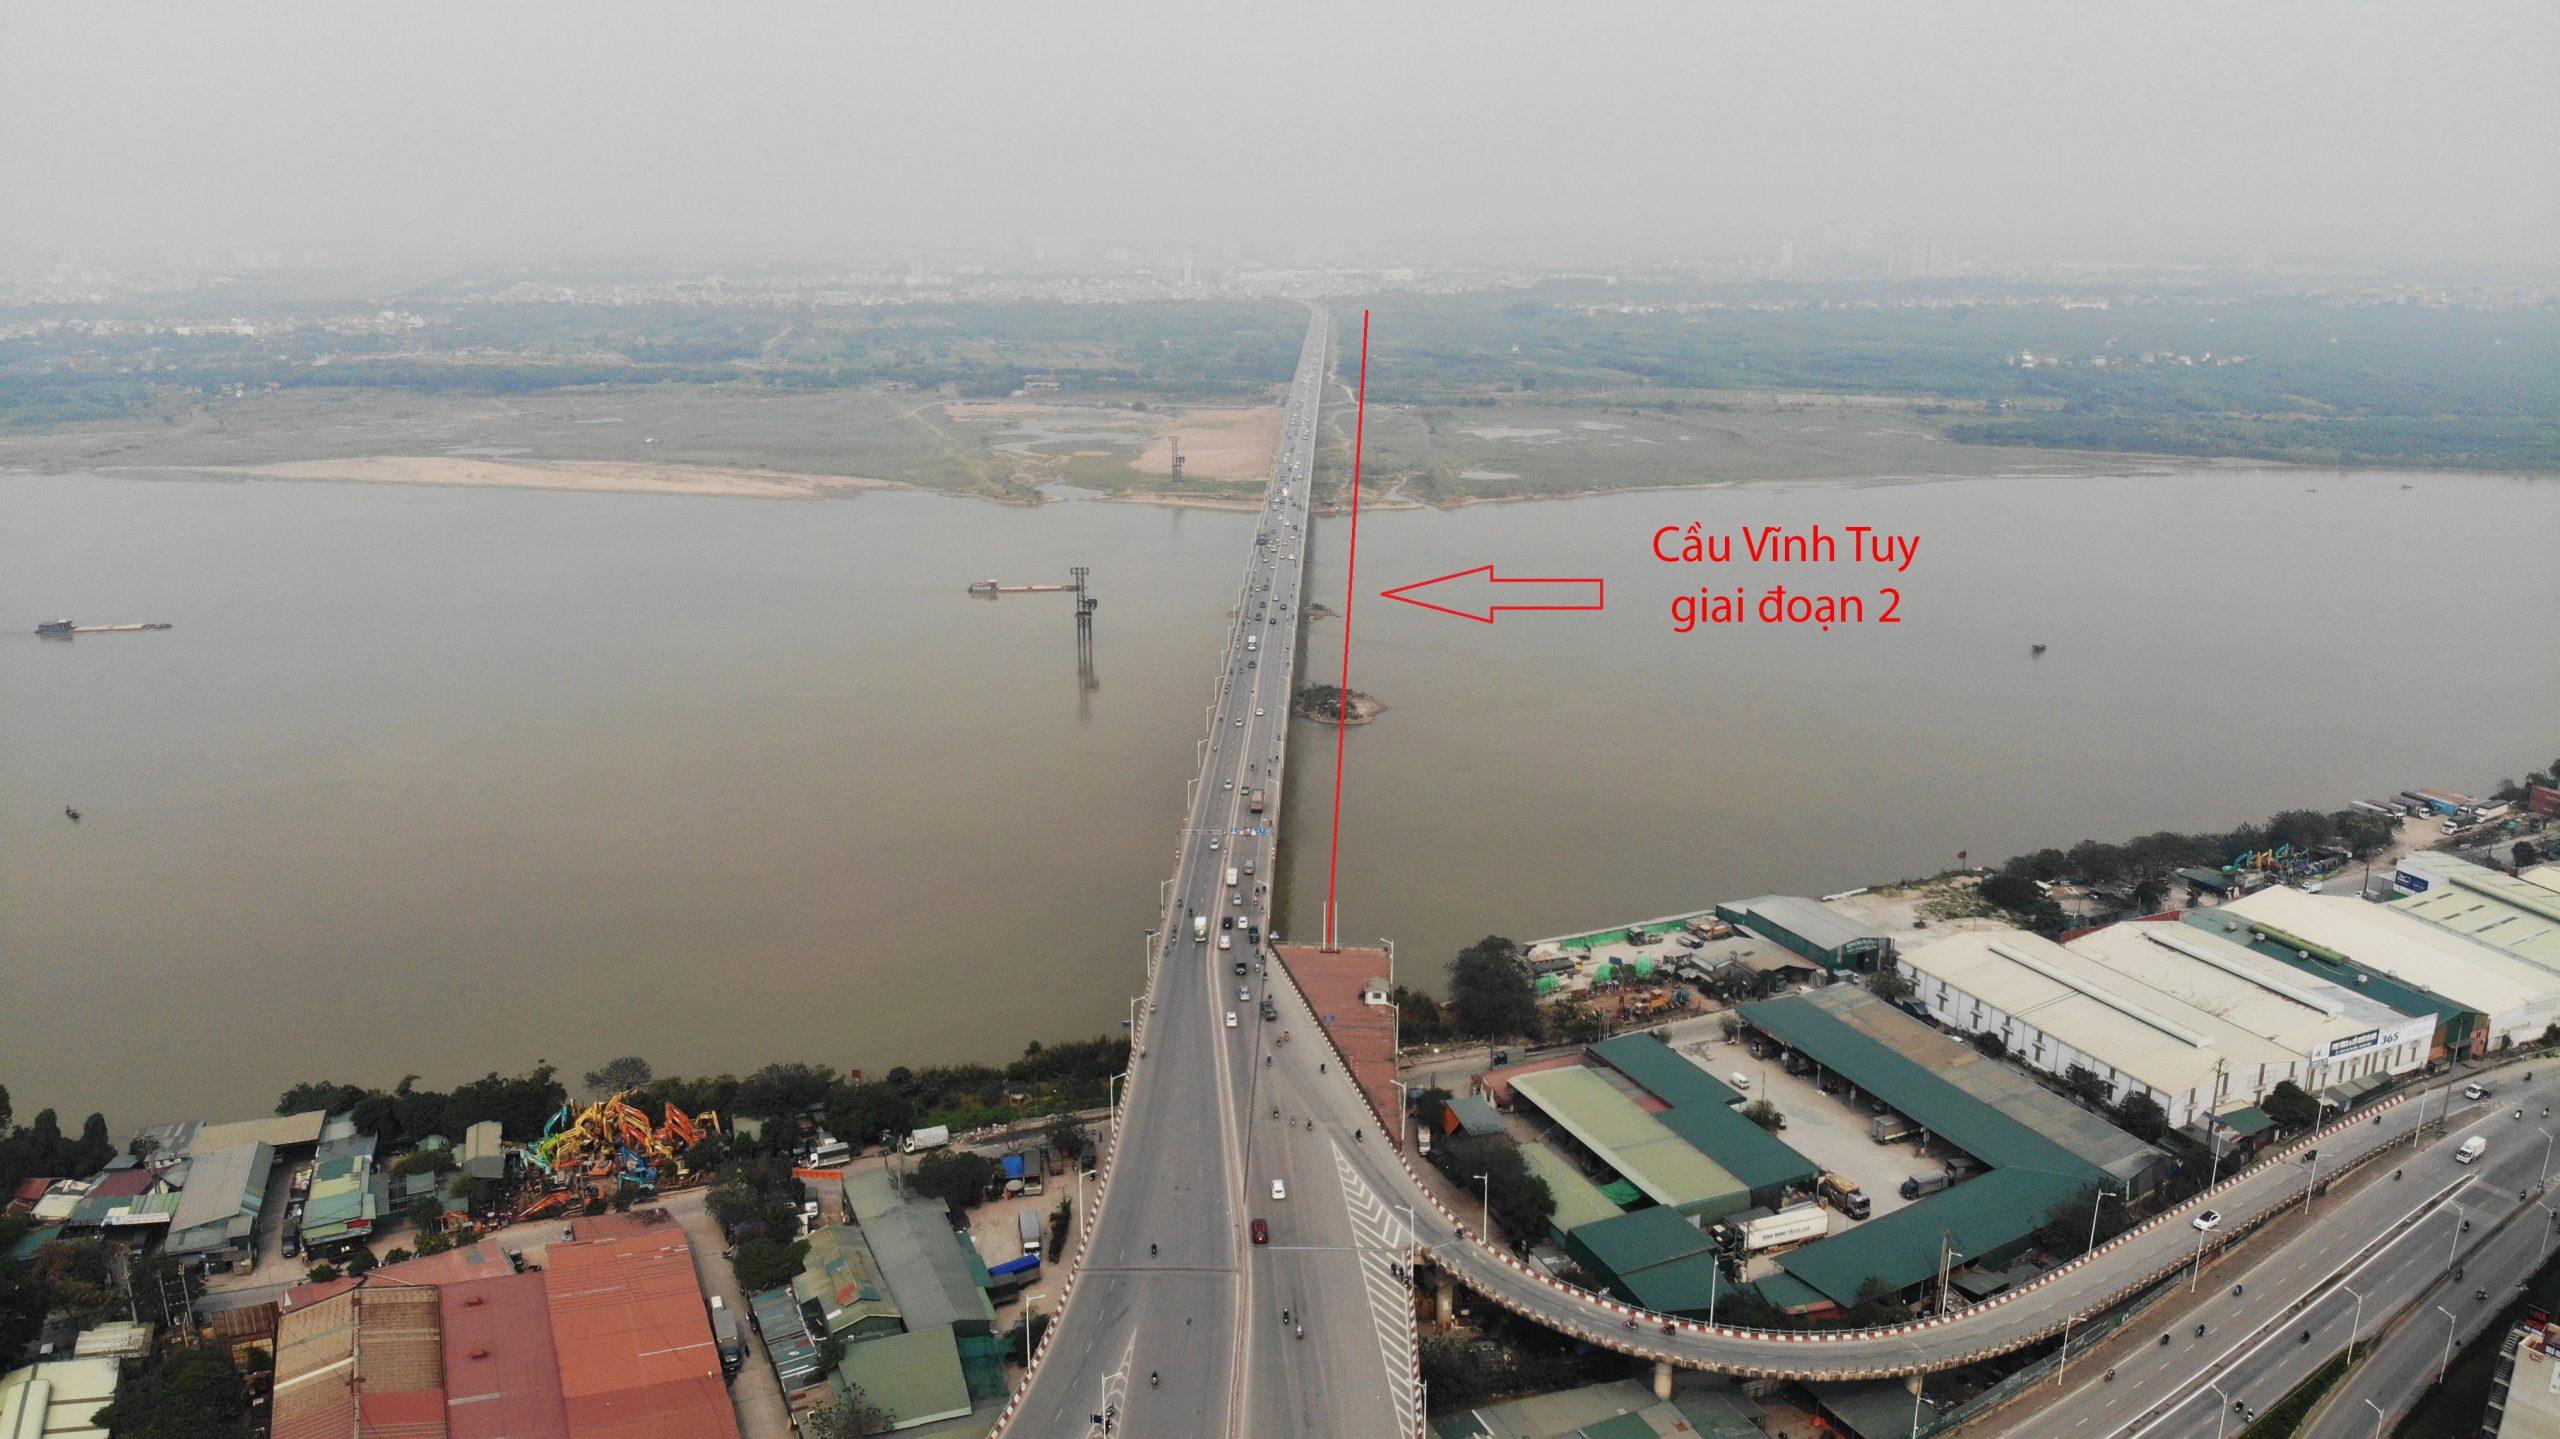 Vị trí cầu Vĩnh Tuy 2.